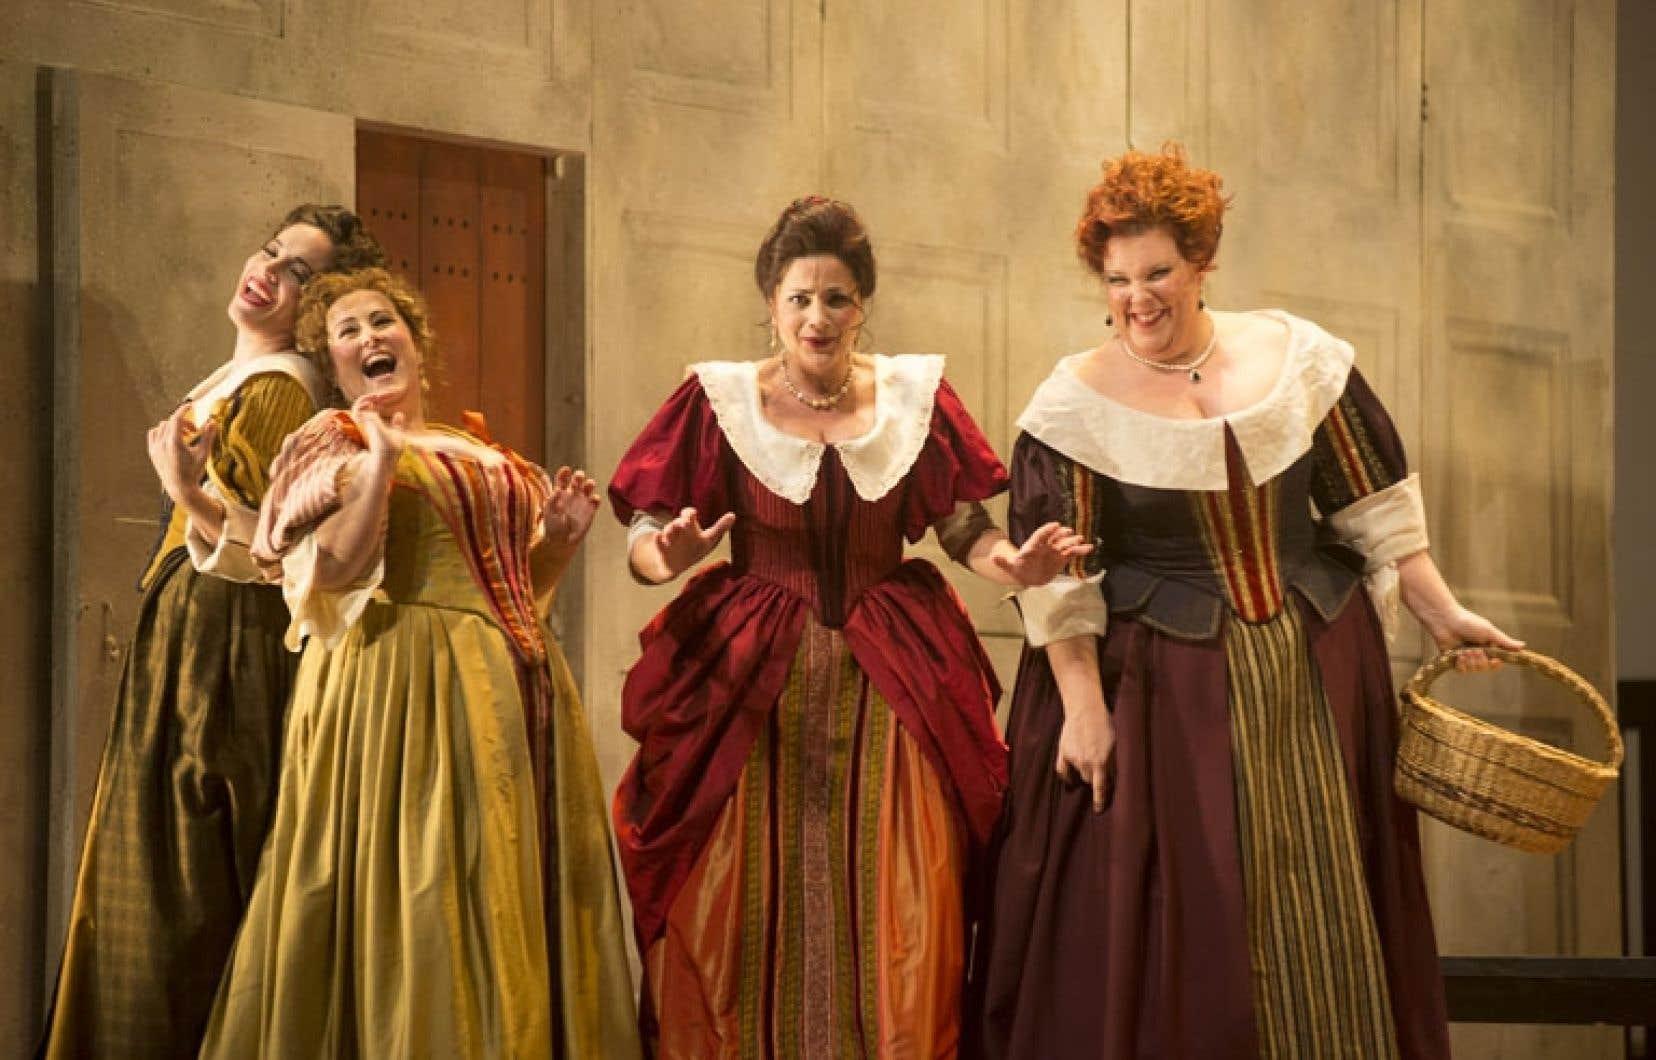 Falstaff, présenté à l'Opéra de Montréal, doit être vu pour la grâce même du spectacle.